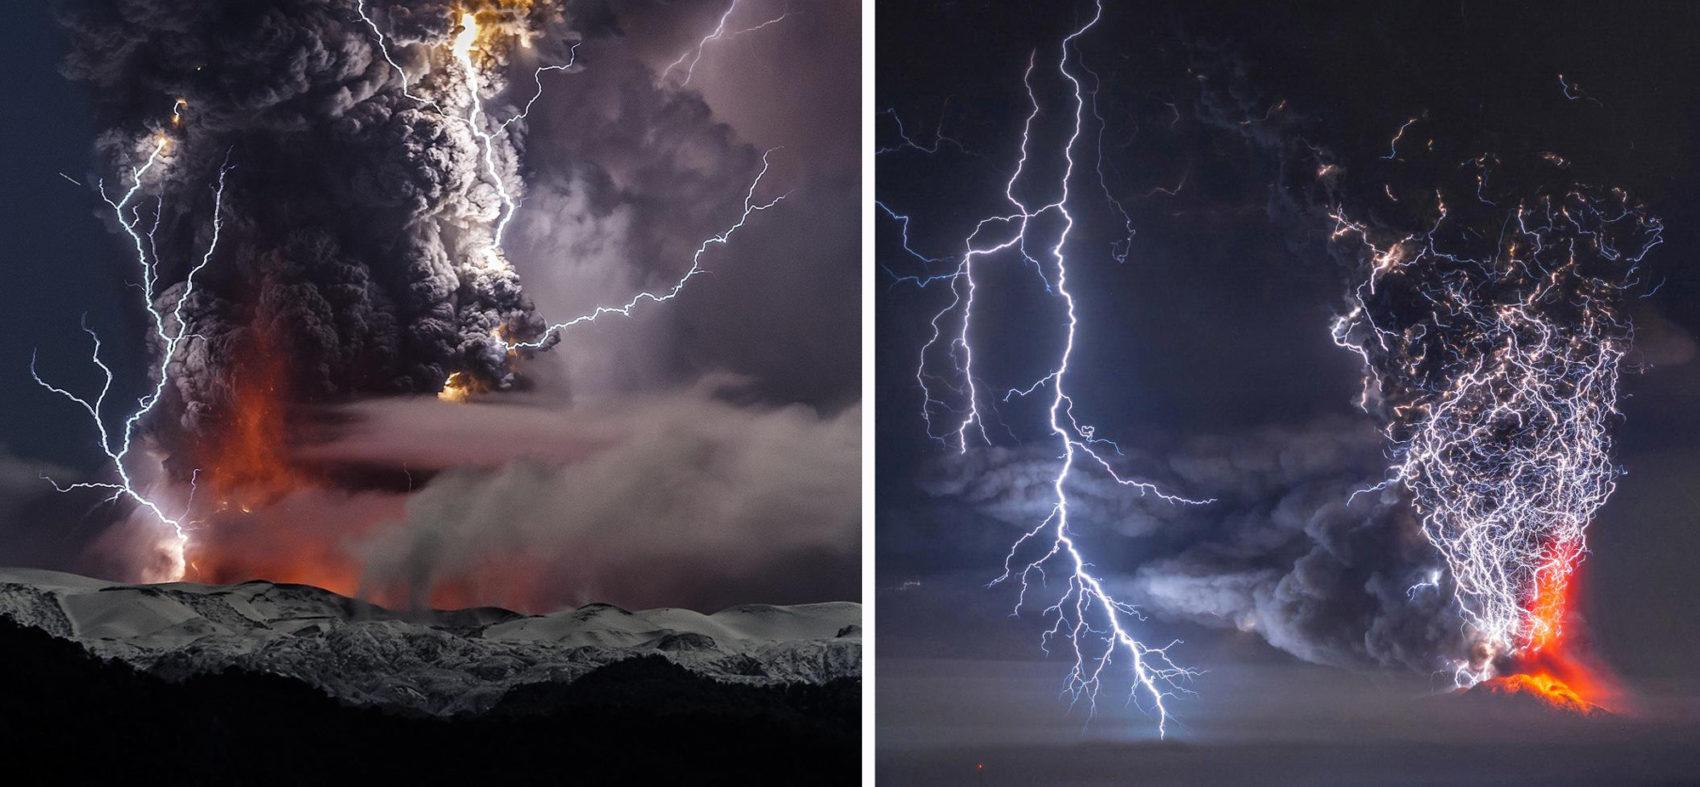 Wonderful Volcanic Smoke With Streaks of Lightning by Francisco Negroni 5 Wonderful Photography between Volcanic Smoke With Streaks of Lightning by Francisco Negroni